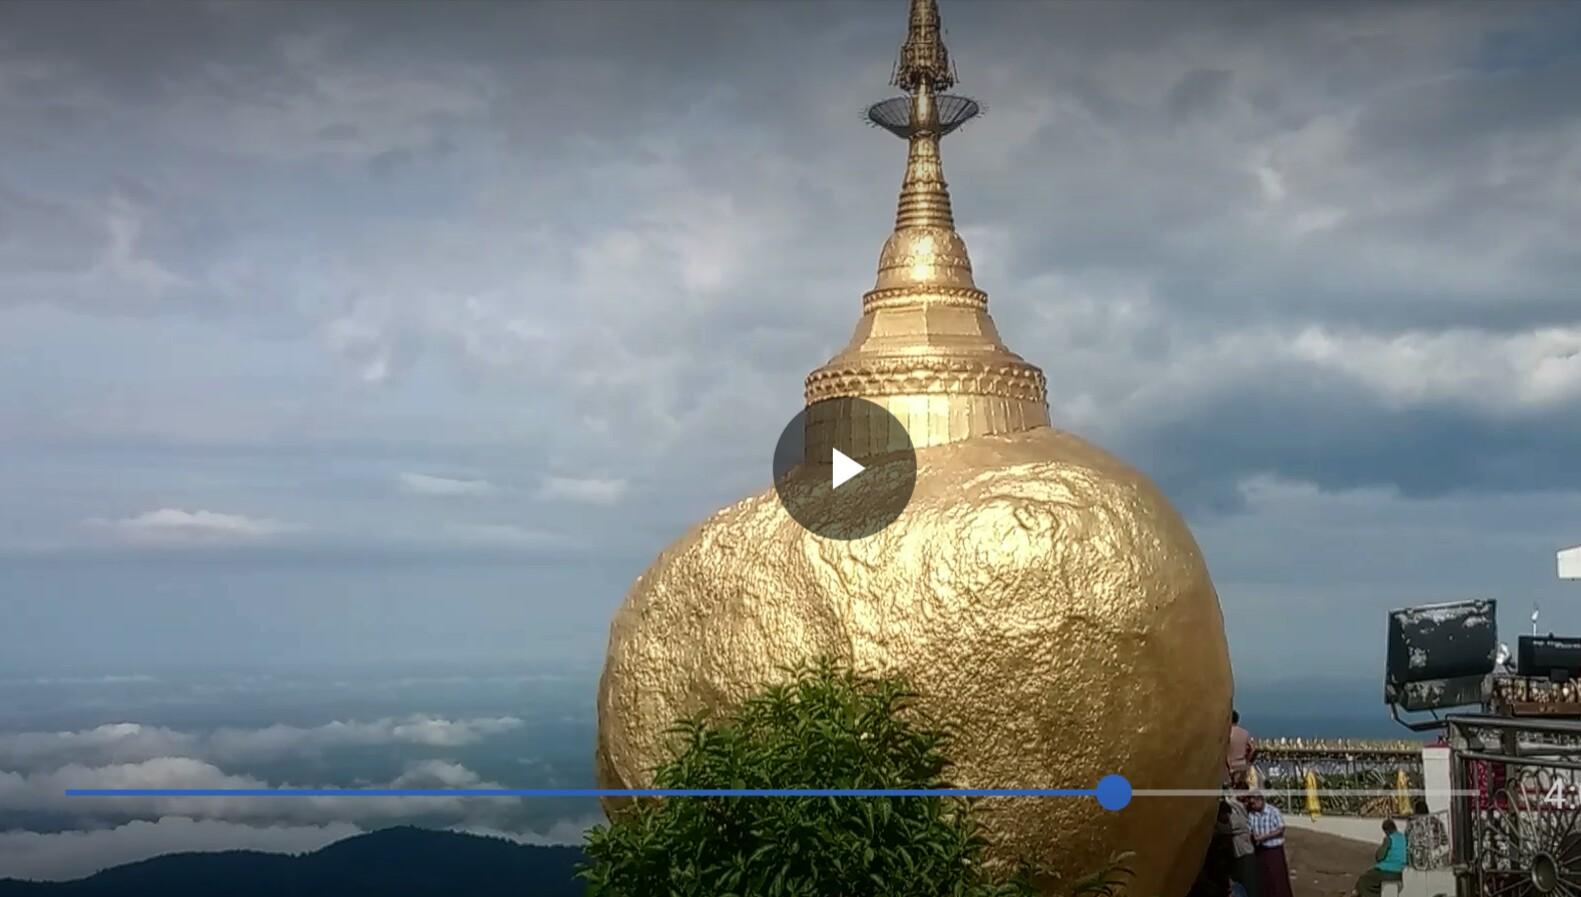 VIDÉO: La magie du lieu de pélerinage bouddhiste : le Rocher d'Or